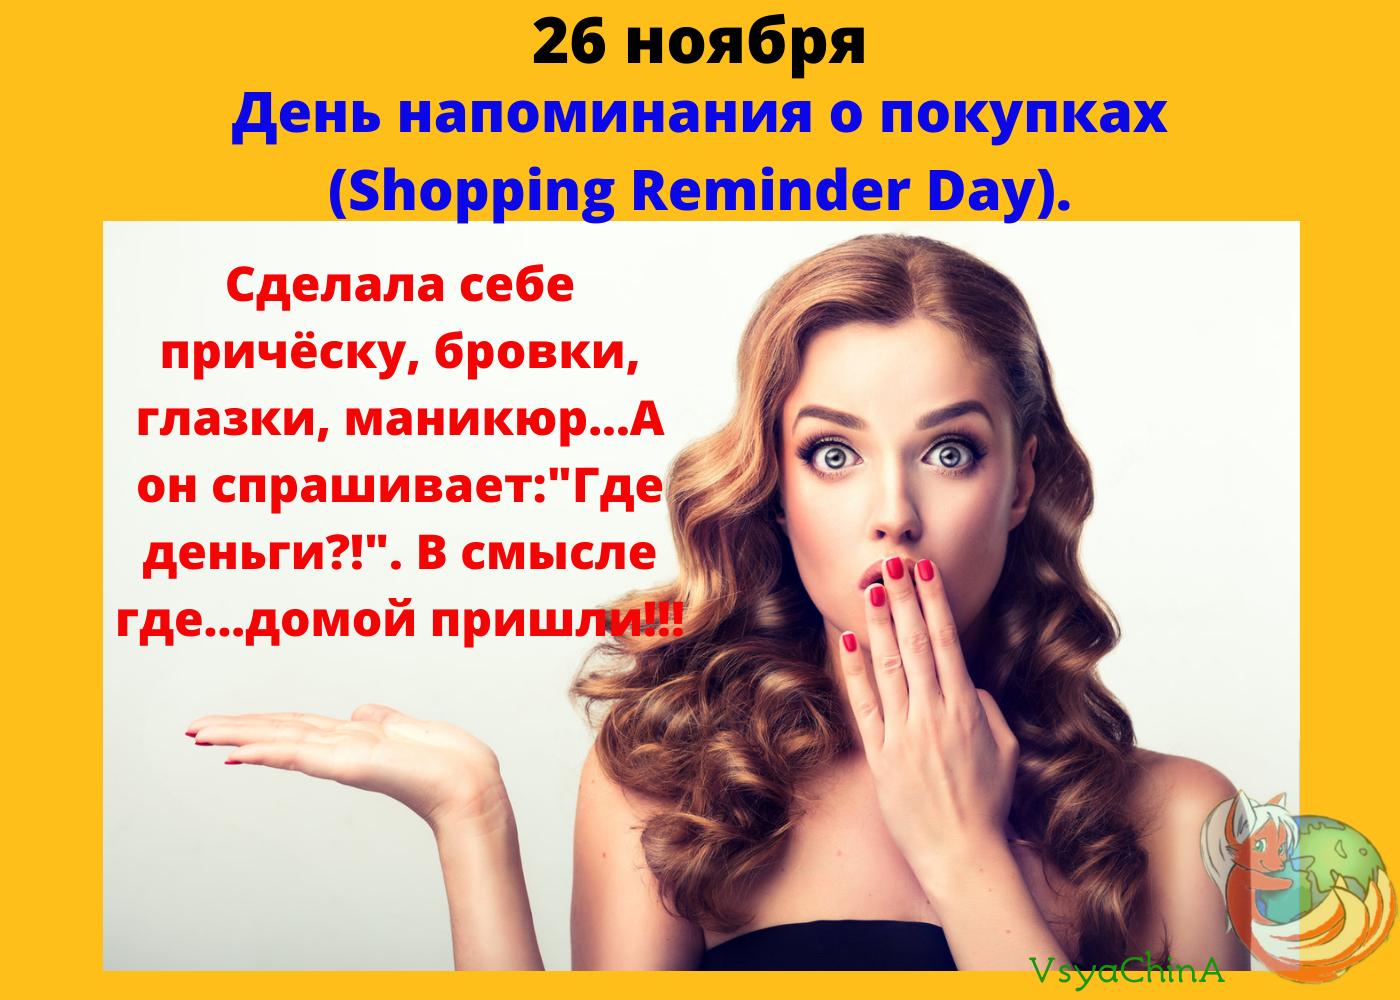 26 ноября. День напоминания о покупках.